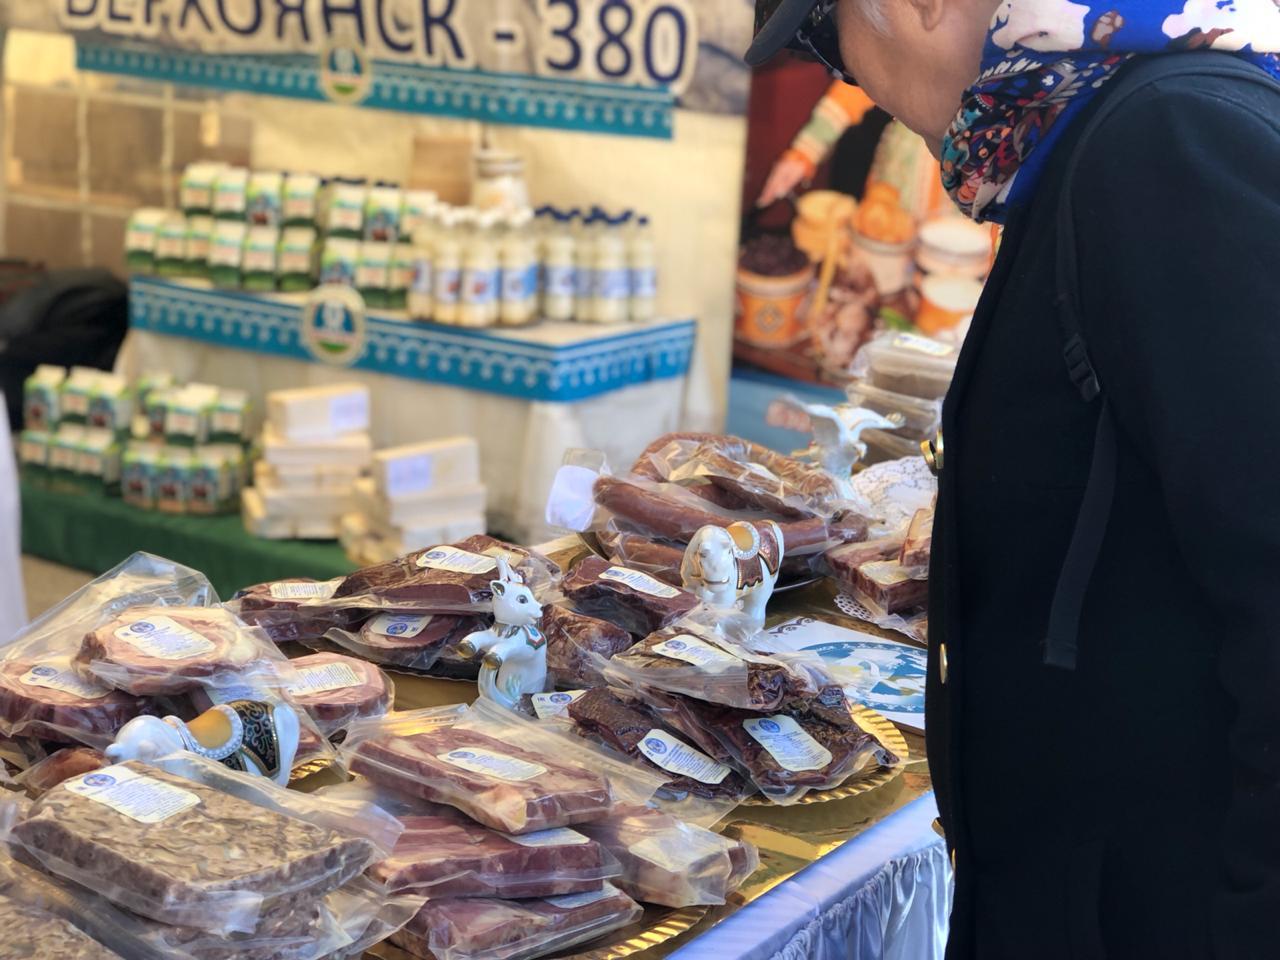 21-23 сентября в Якутске проходит юбилейная республиканская выставка-ярмарка «Продовольствие – 2018»